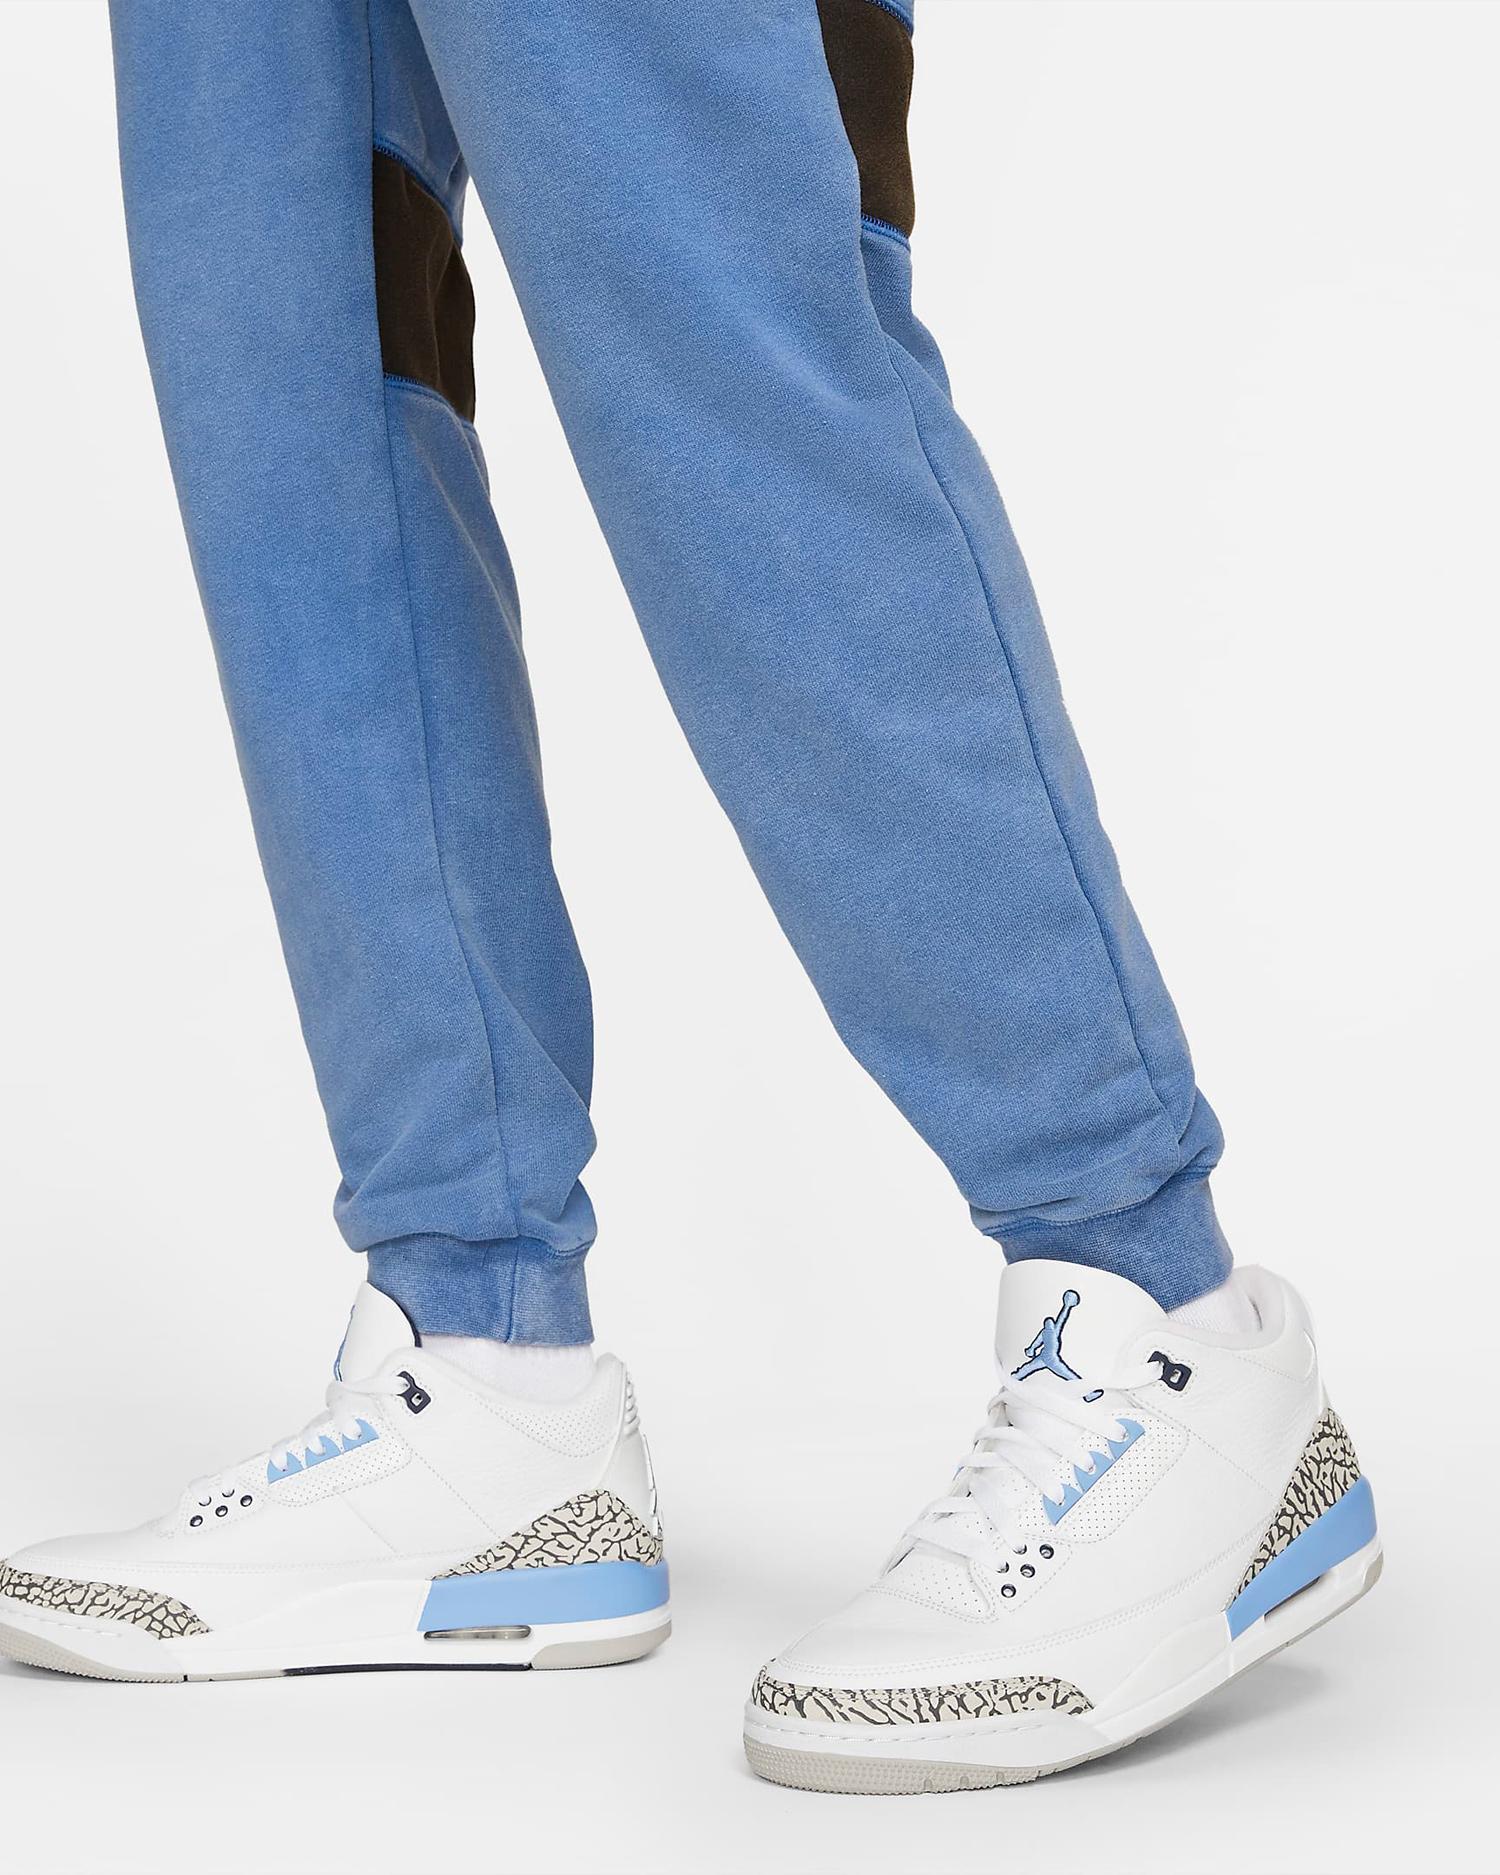 jordan-hyper-royal-dri-fit-air-pants-5